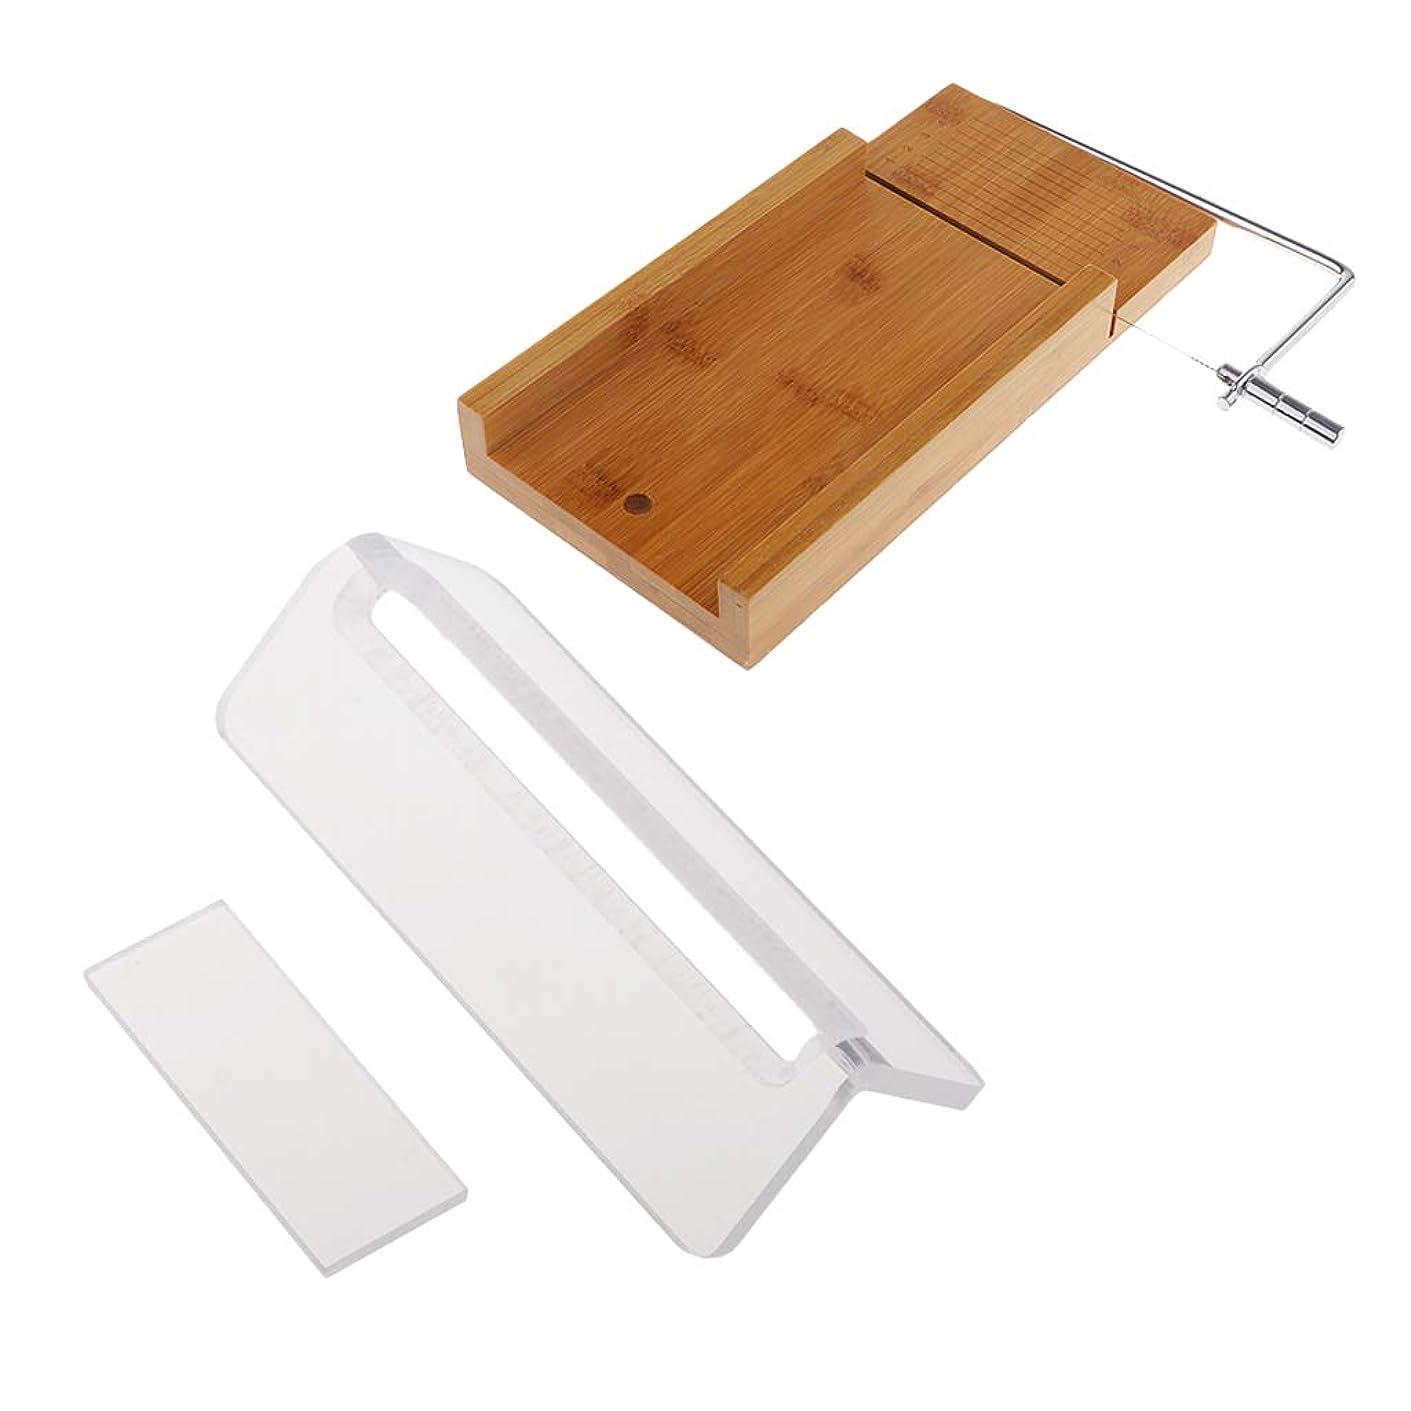 ペニー貧困石のFLAMEER ローフカッター 木製 ソープ包丁 石鹸カッター 手作り石鹸 DIY キッチン用品 2個入り